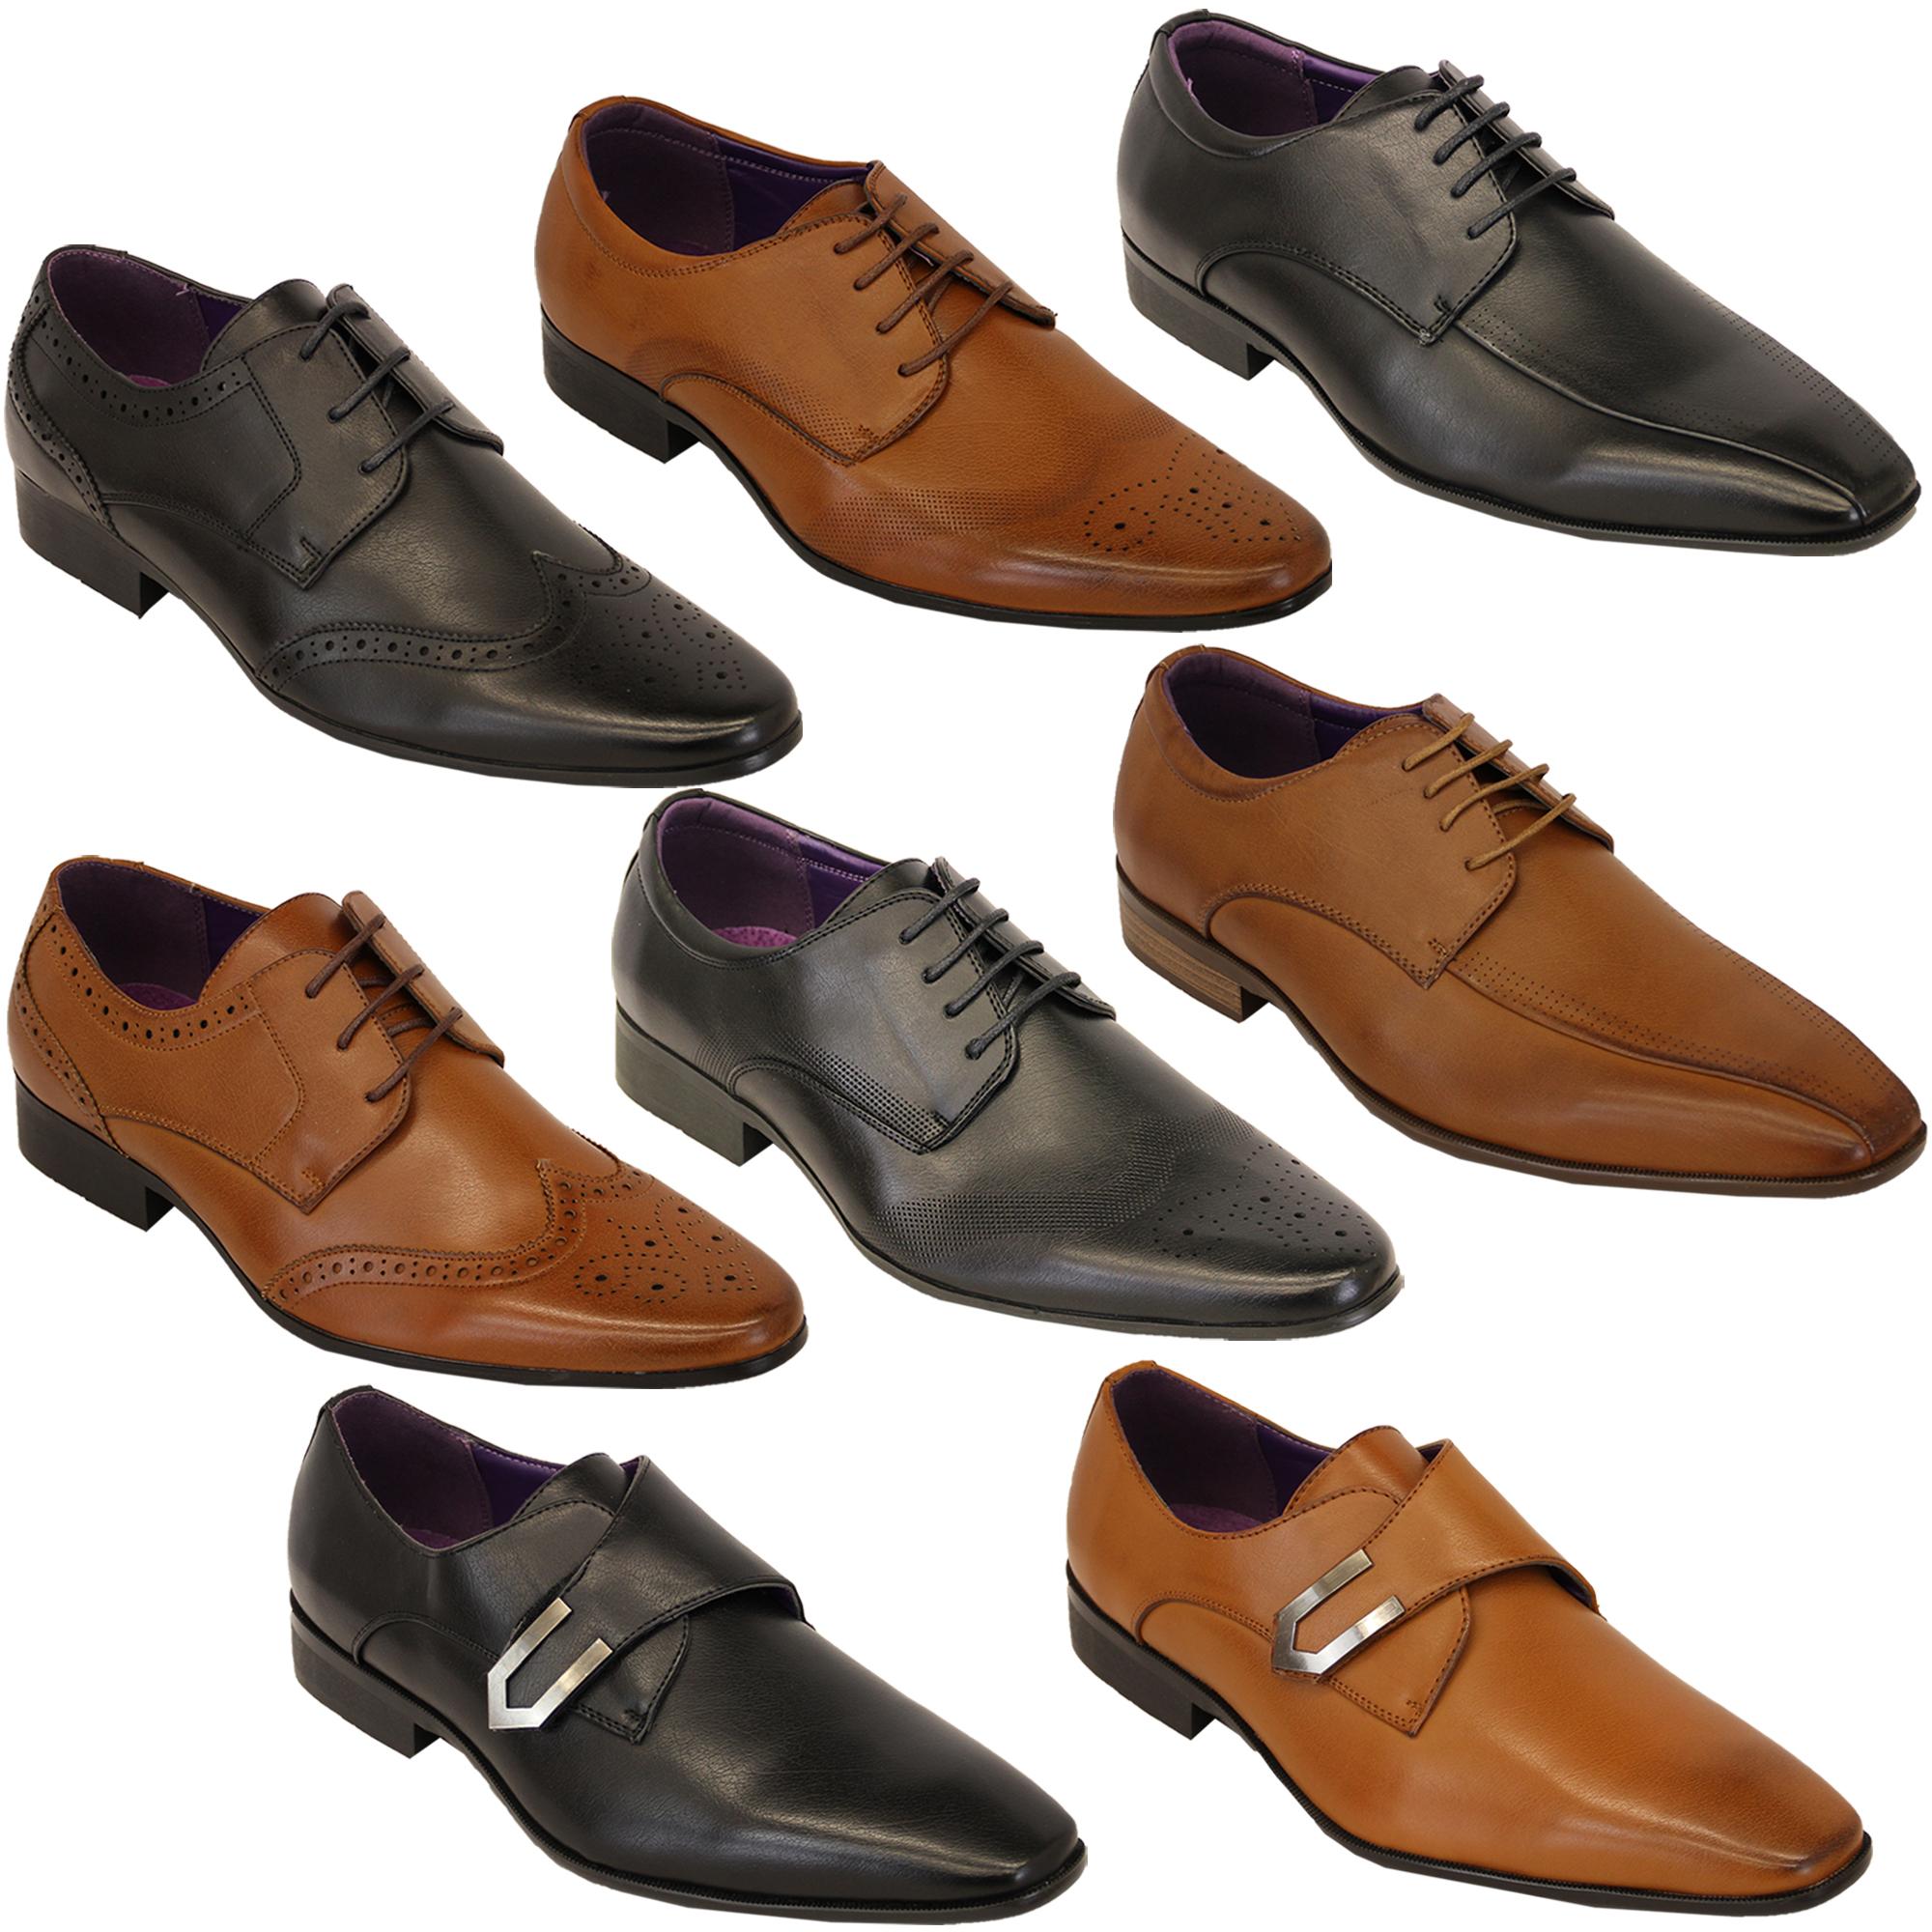 buy online 1067b 98add Details zu Italienische Schuhe Herren Lederoptik Brogue Schnürbar Spitz  Formell Elegant